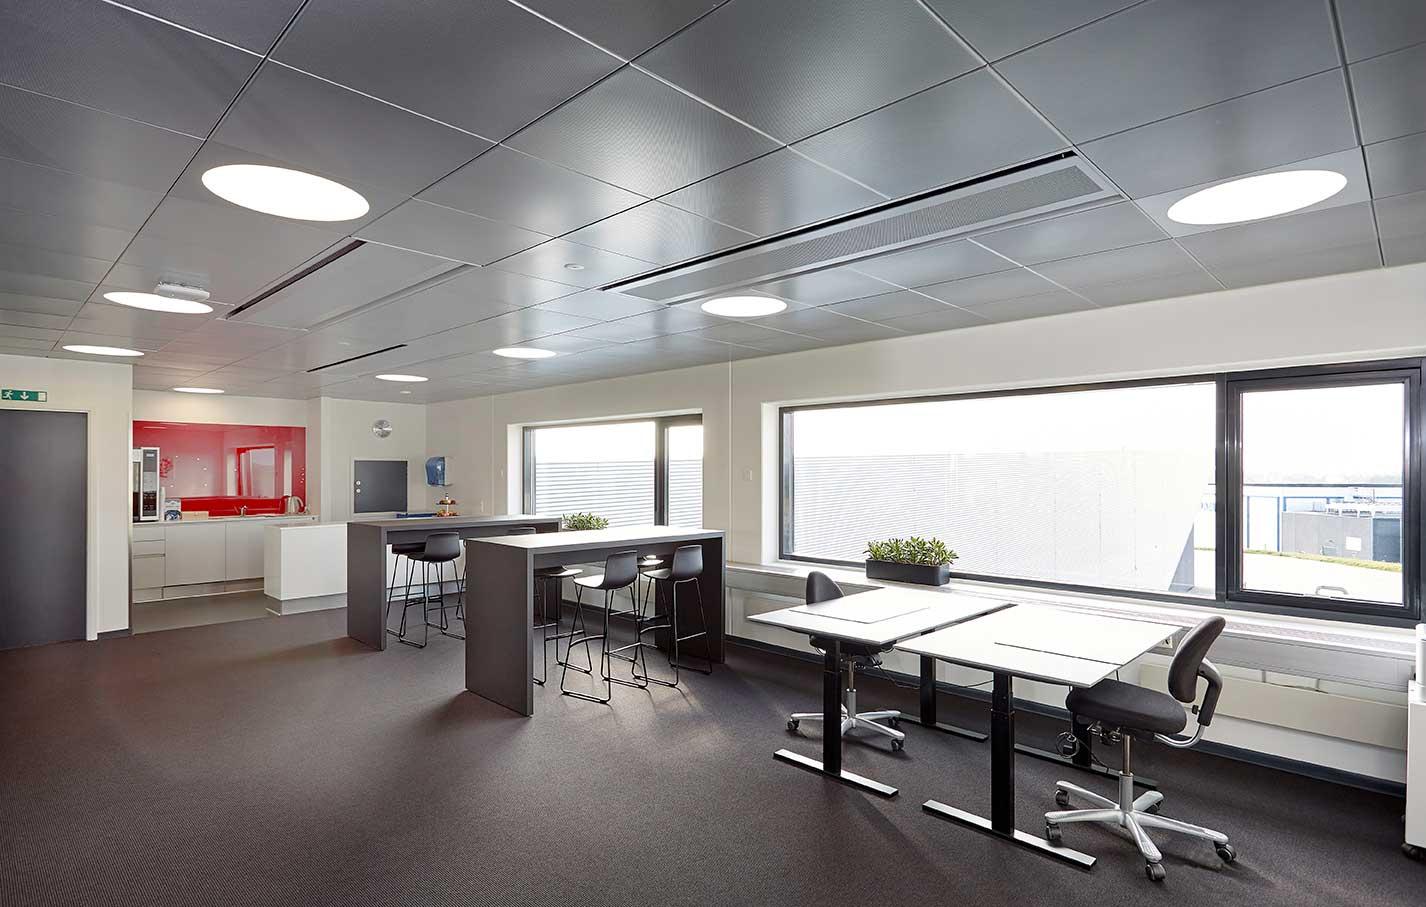 Ledgo Circle panel indbygget i loft ved fællesområde og køkken - Luminex